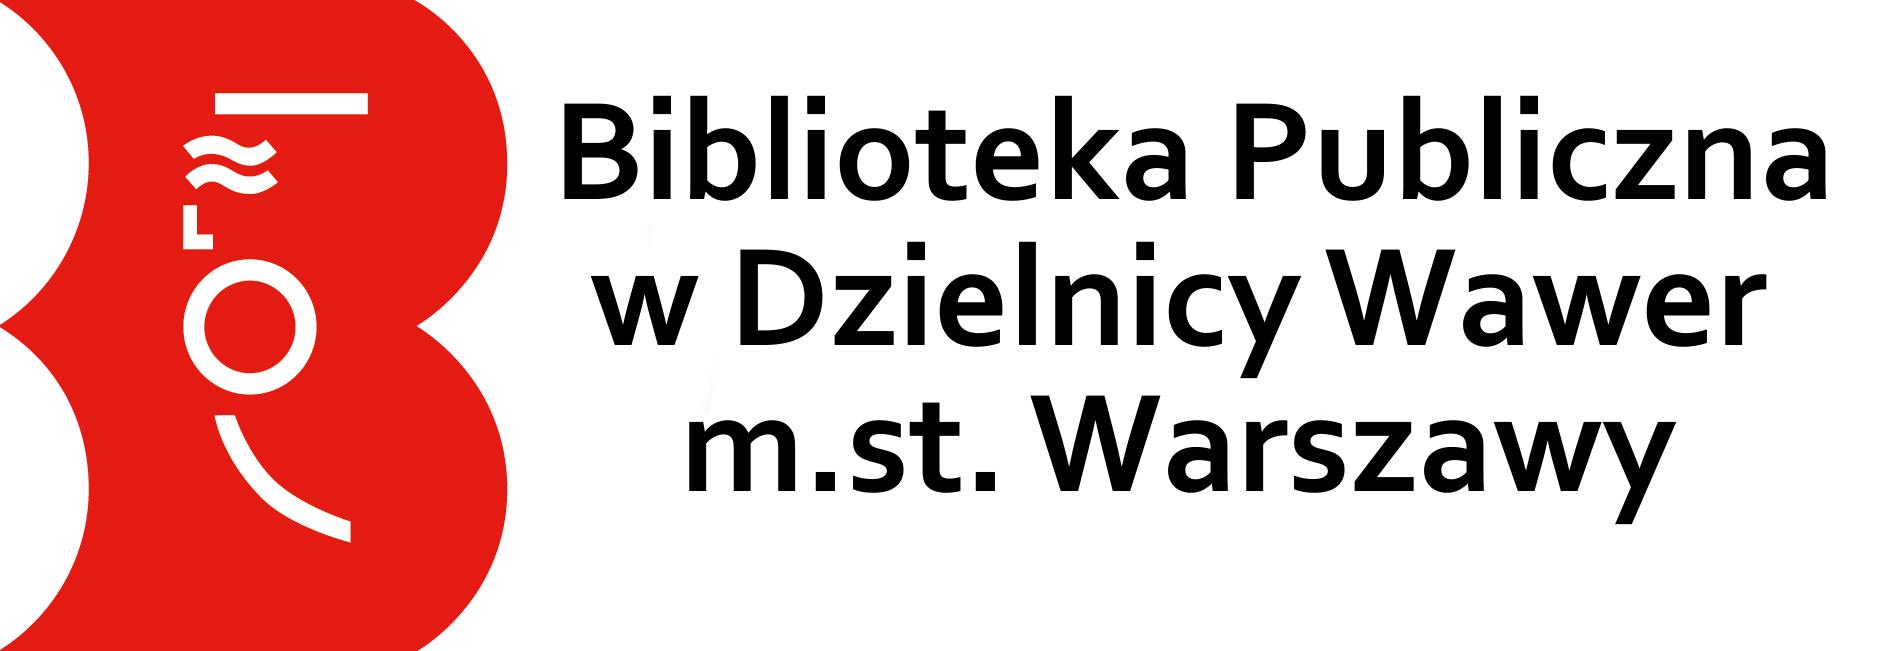 Logo Biblioteka Publiczna dla Dzielnicy Wawer m.st. Warszawy